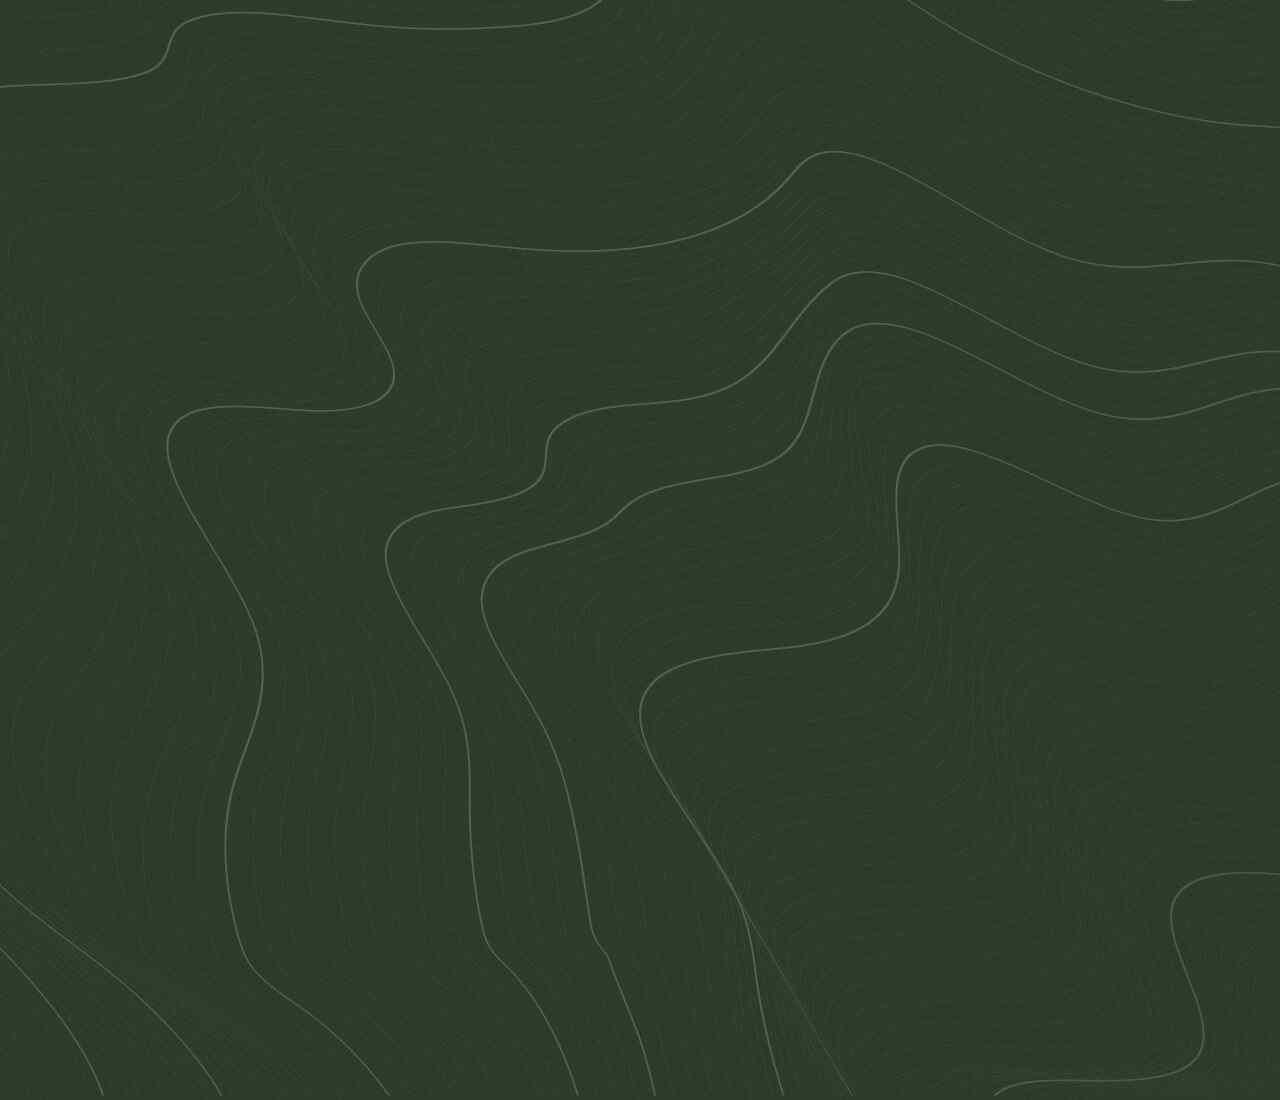 https://apartamentymarinaborki.pl/wp-content/uploads/2020/02/green-background-1280x1100.jpg